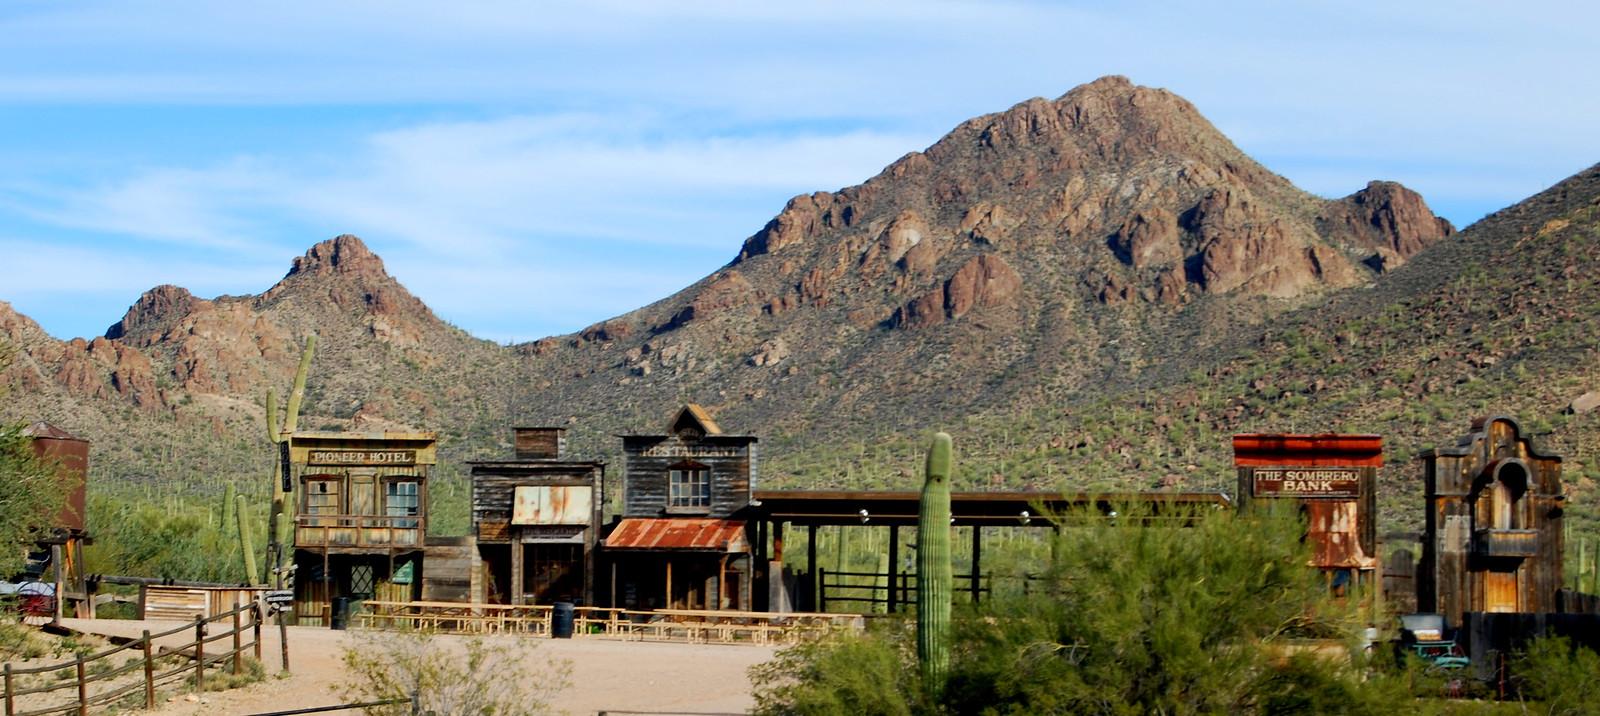 Old Tucson Studios,Tucson AZ.